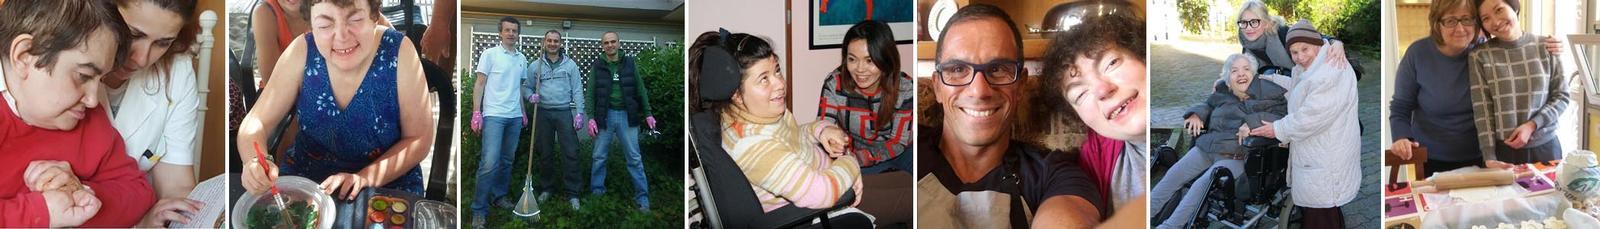 volontariato case famiglia per persone con disabilità